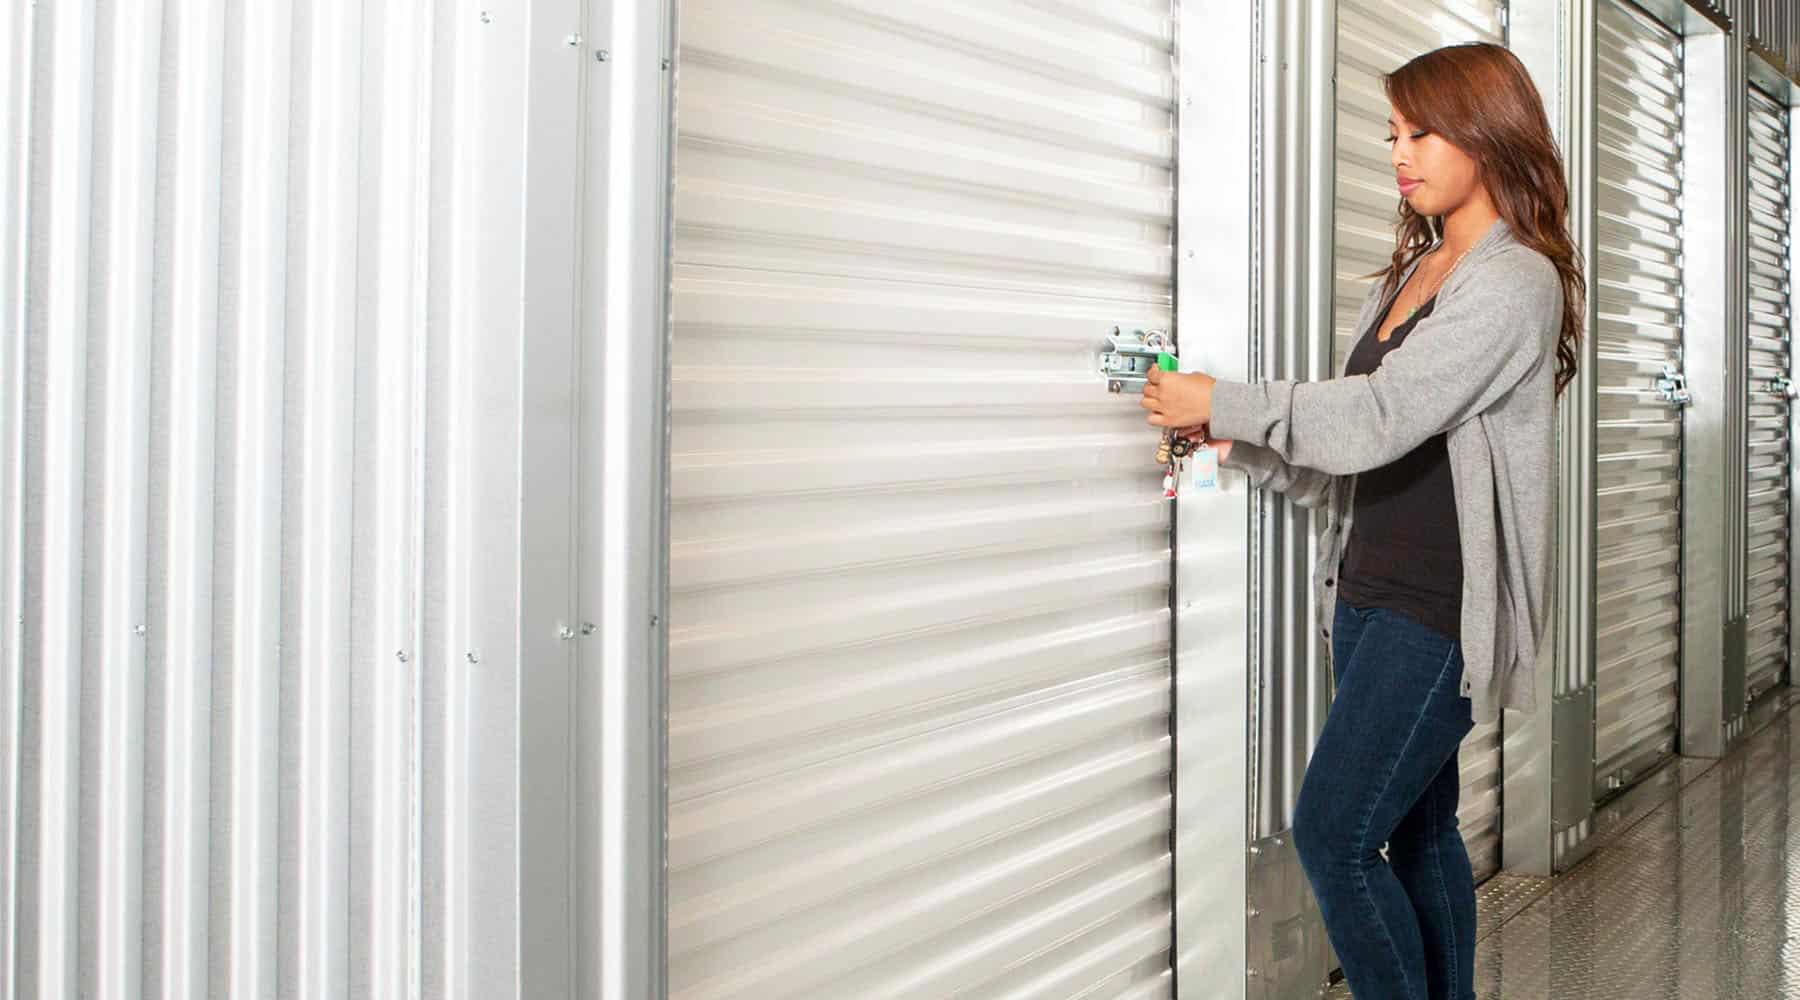 city-of-industry-indoor-storage